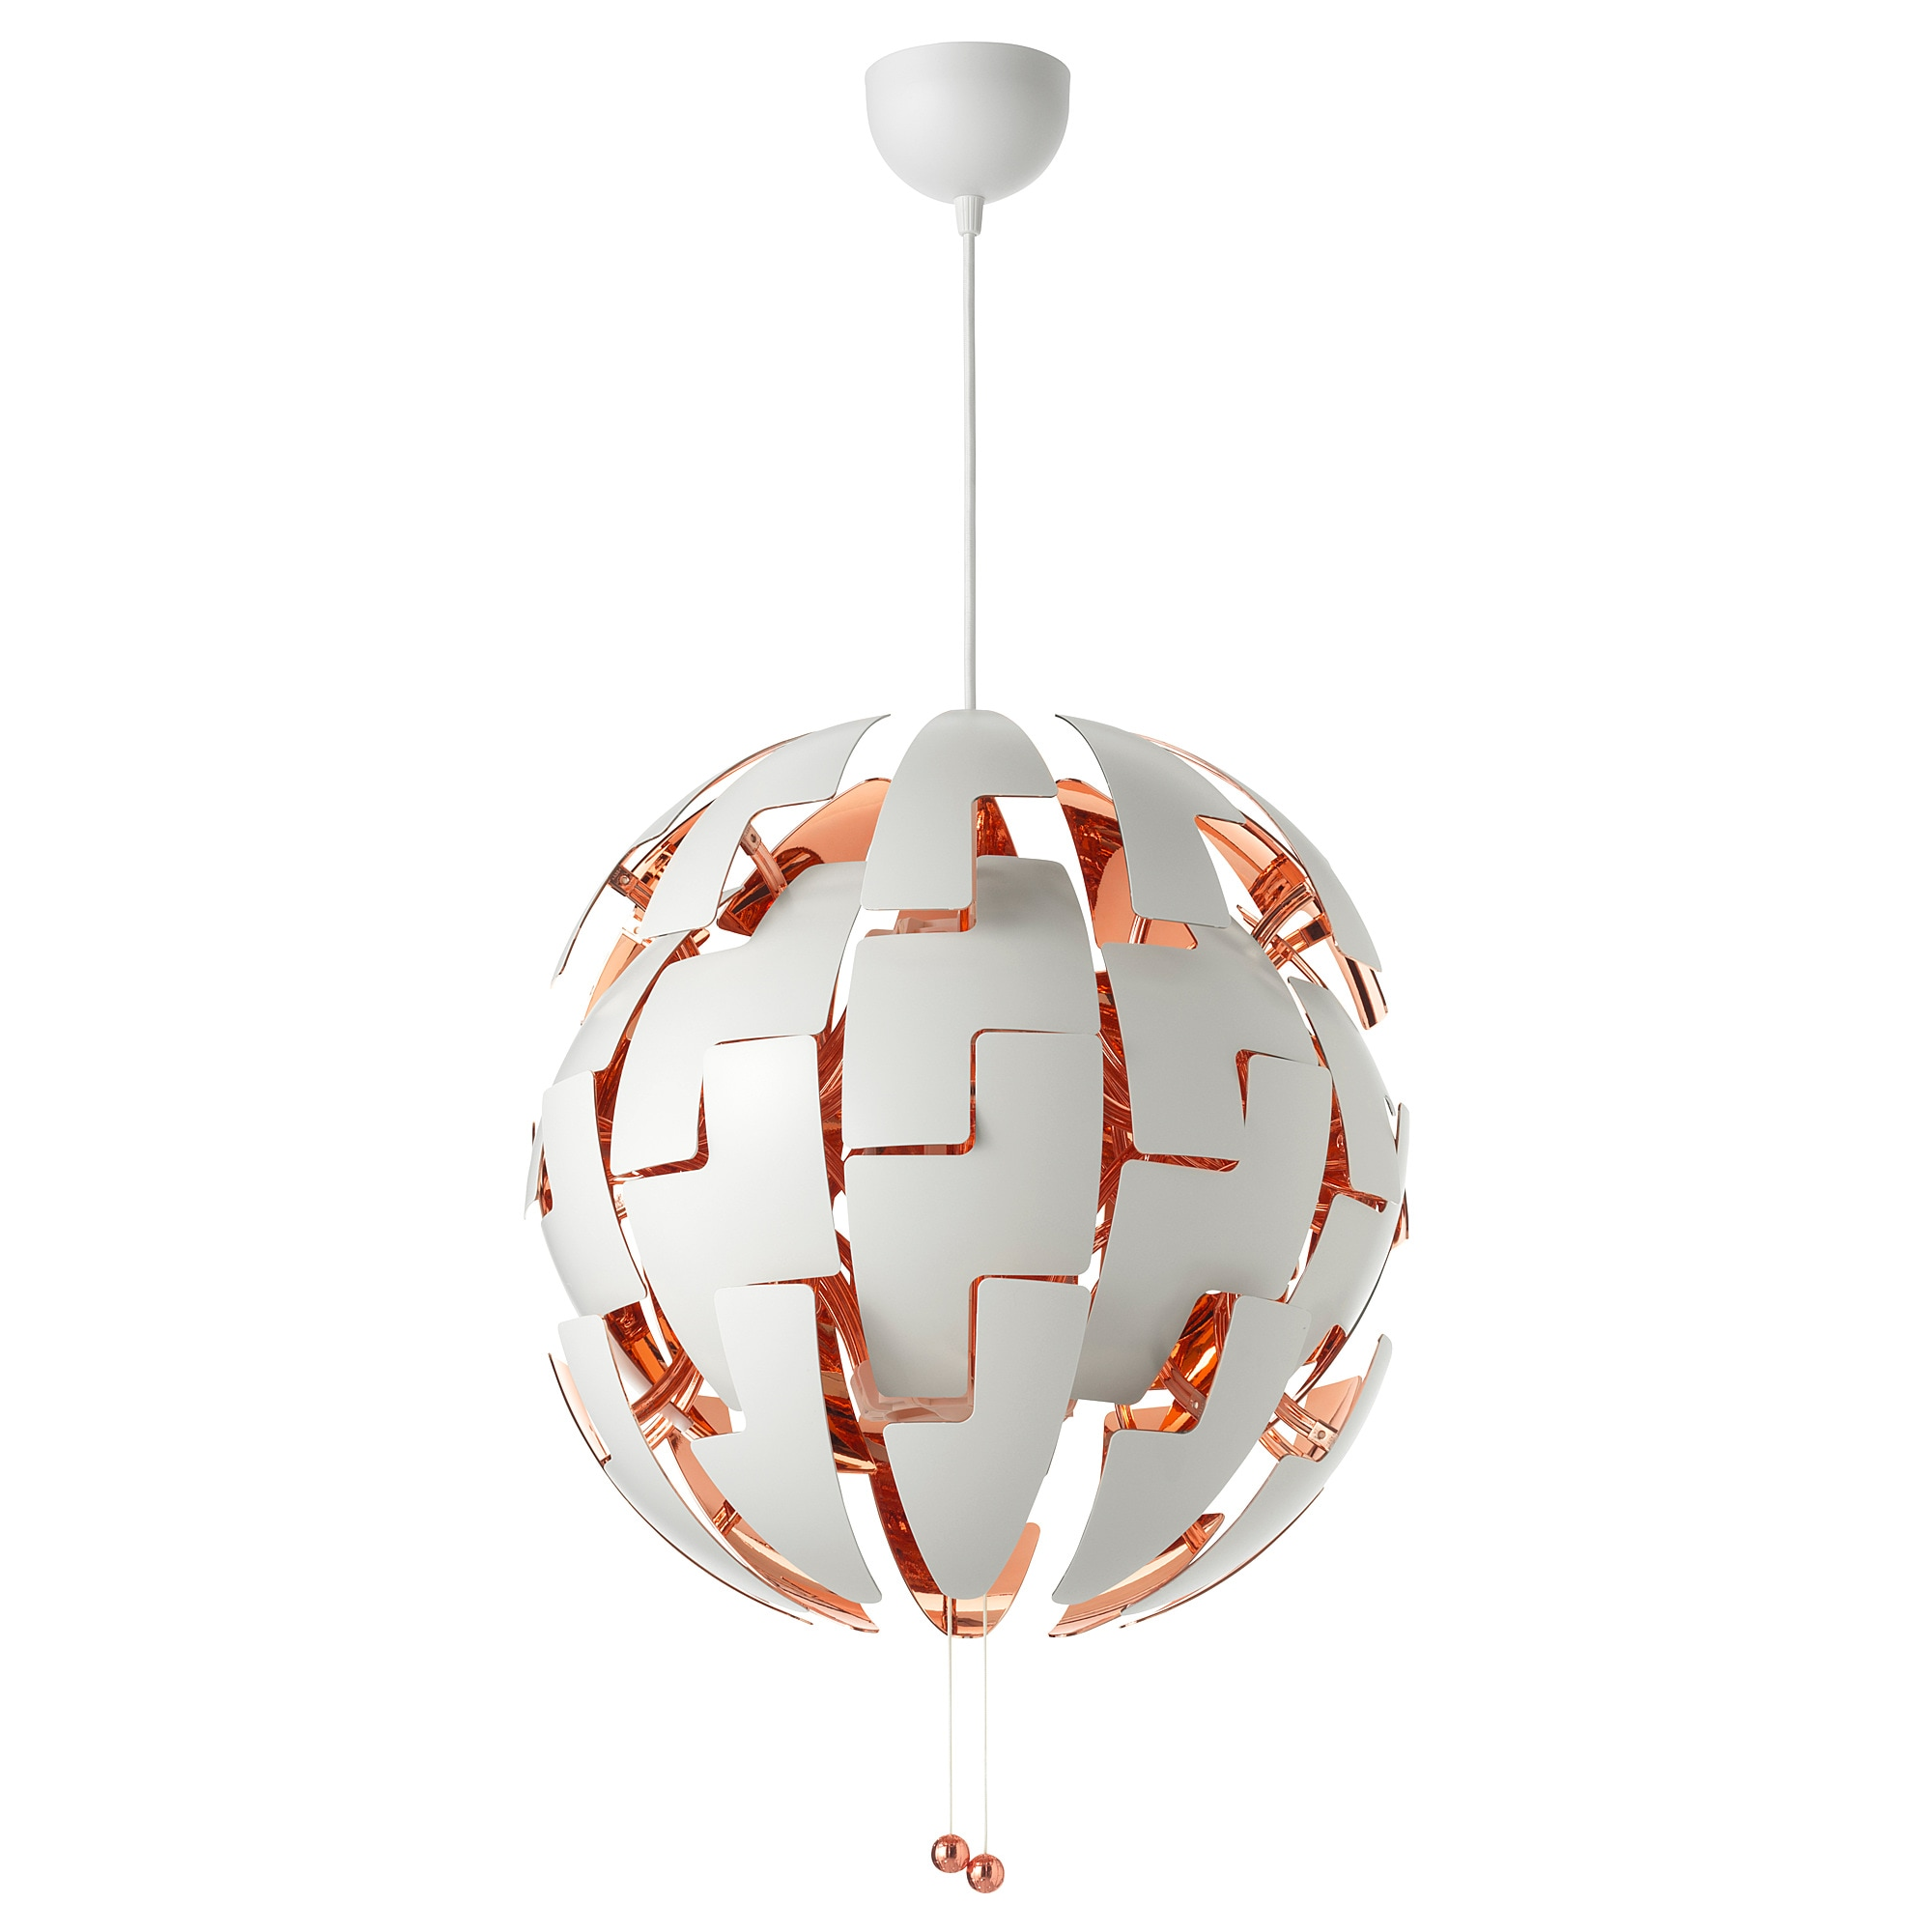 Full Size of Deckenlampe Ikea 52cm Ps 2014 Hngeleuchte Wei Kupferfarben A Deckenlampen Für Wohnzimmer Modulküche Küche Kosten Kaufen Schlafzimmer Betten Bei Modern Bad Wohnzimmer Deckenlampe Ikea